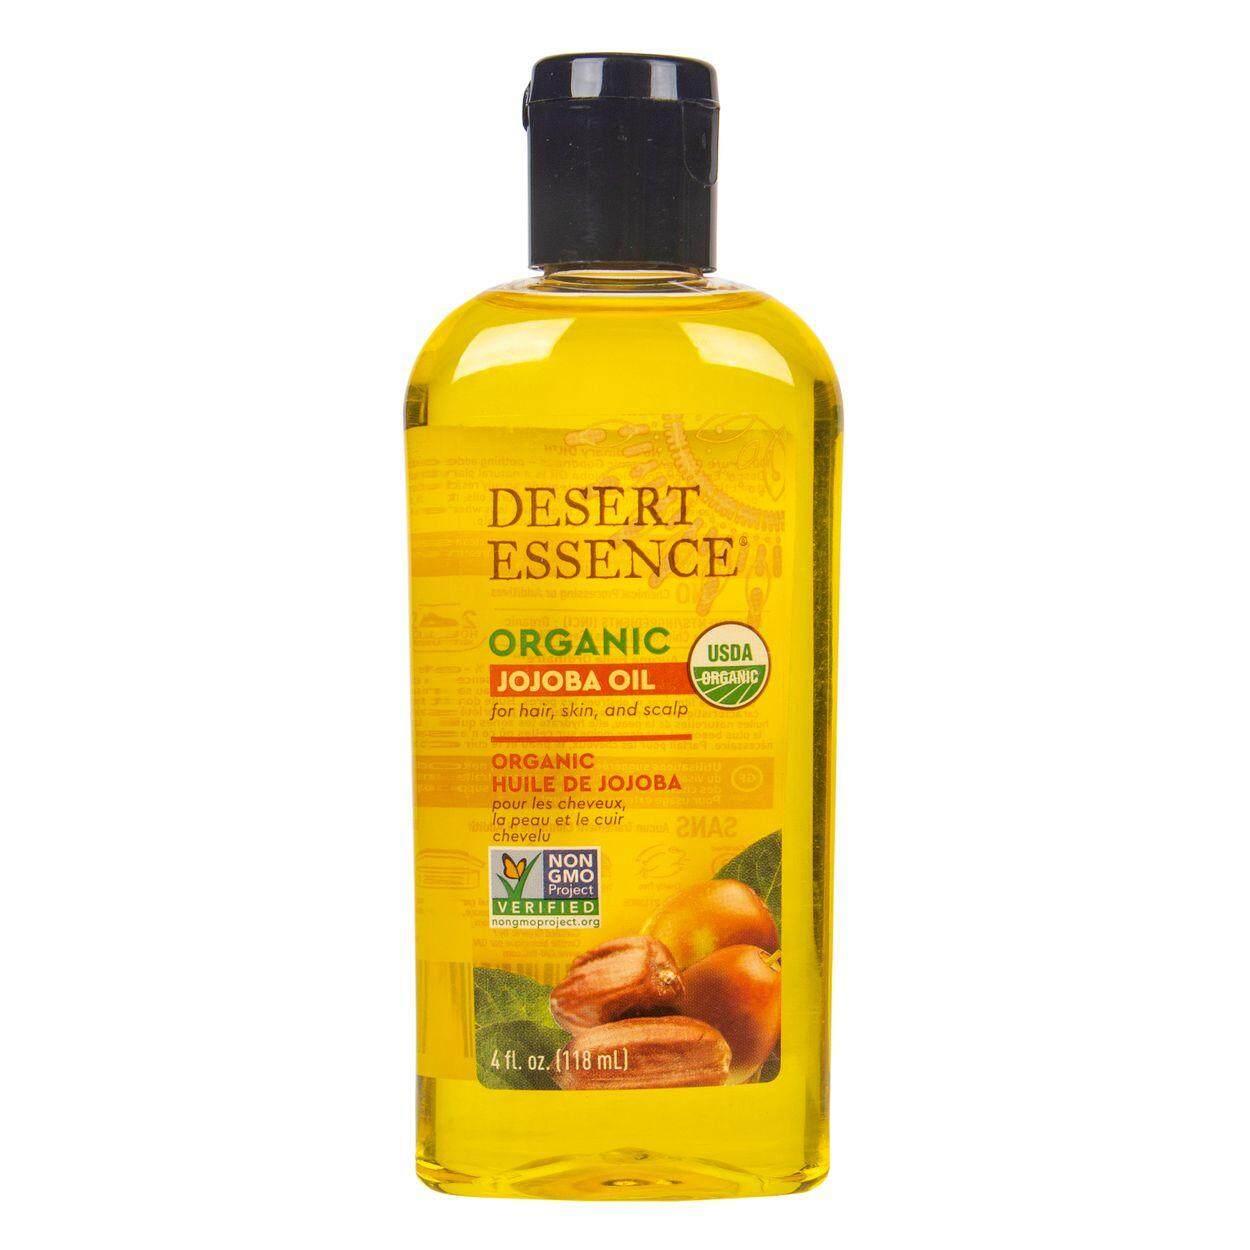 Desert Essence Organic Jojoba Oil for Hair, Skin & Scalp 4 oz (120 ml)